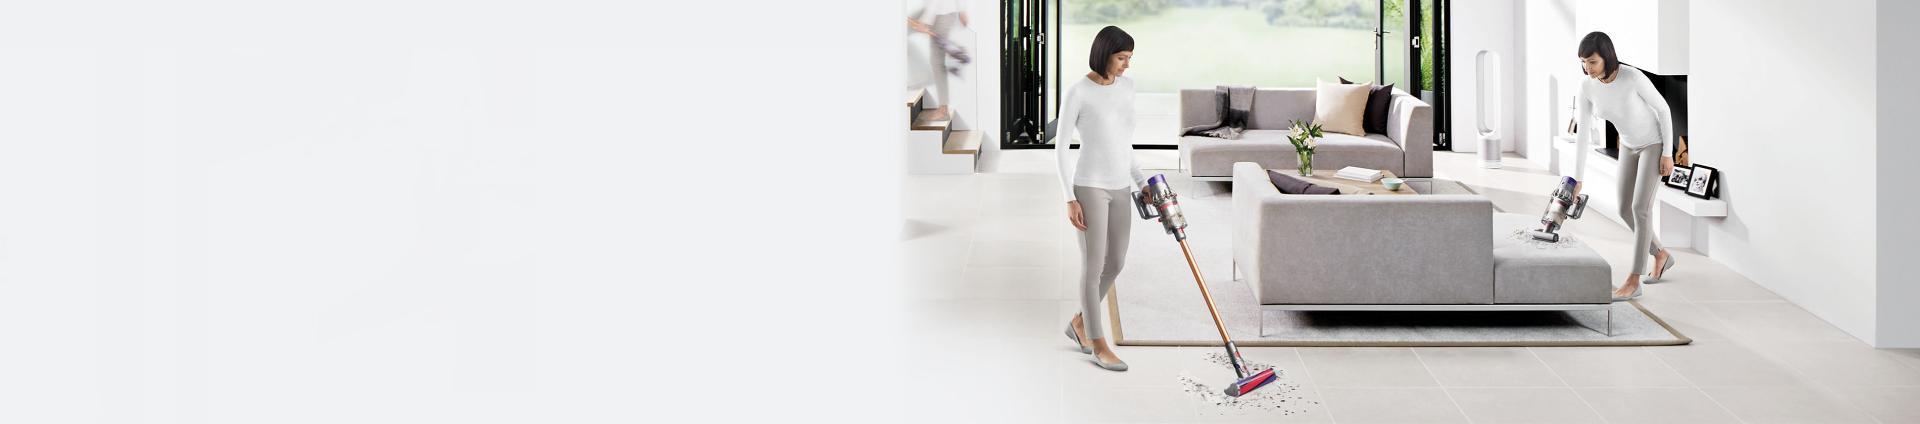 Evi temizlemek için Dyson Cyclone V10™ elektrikli süpürgeyi kullanan kadın